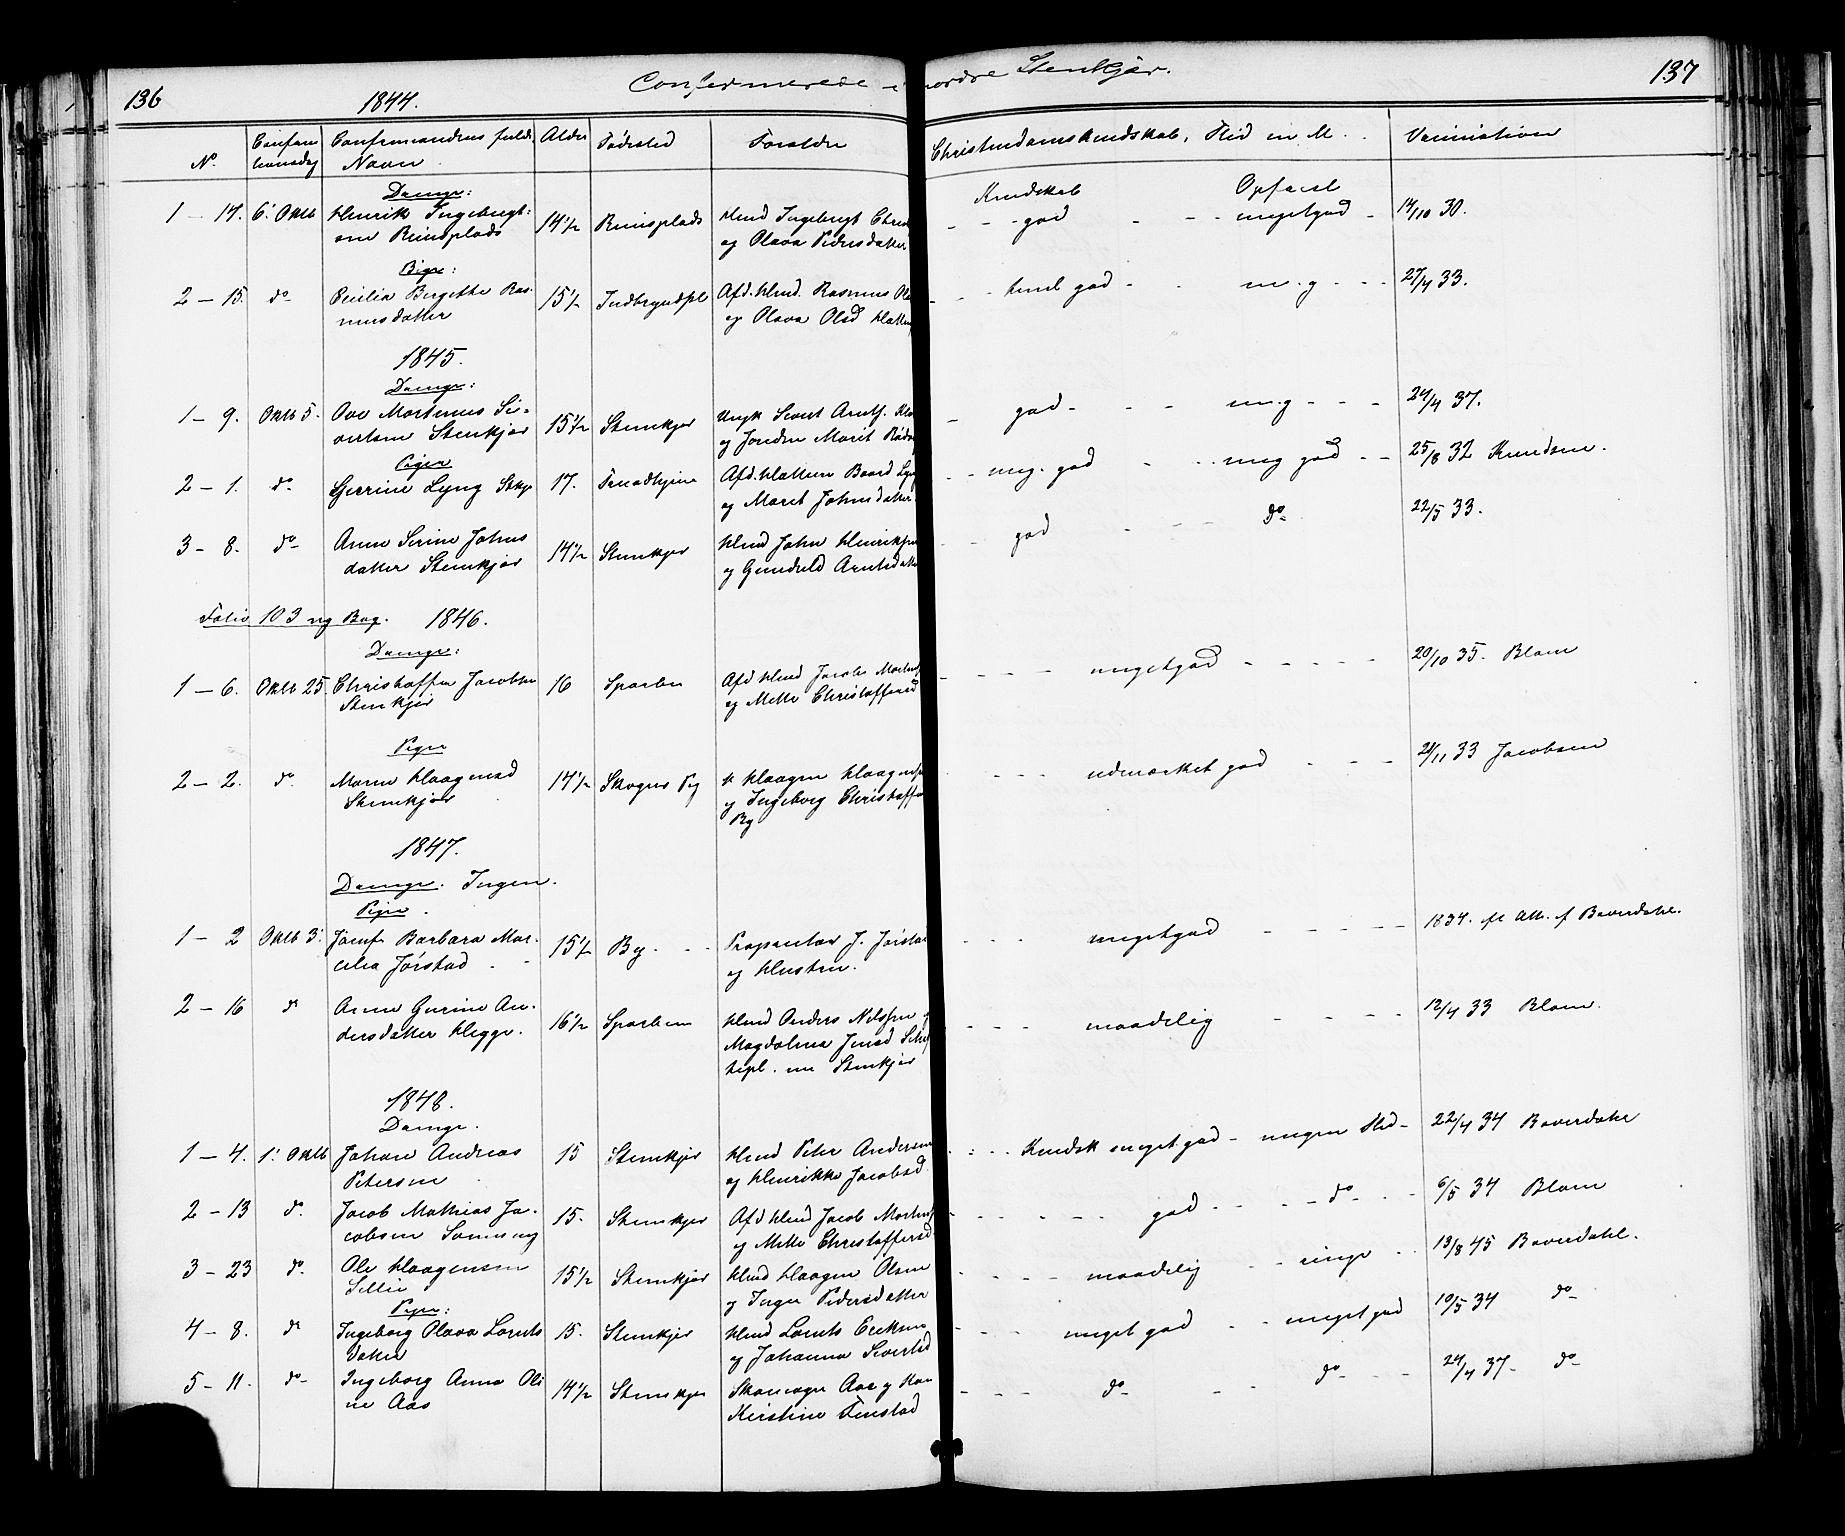 SAT, Ministerialprotokoller, klokkerbøker og fødselsregistre - Nord-Trøndelag, 739/L0367: Ministerialbok nr. 739A01 /2, 1838-1868, s. 136-137